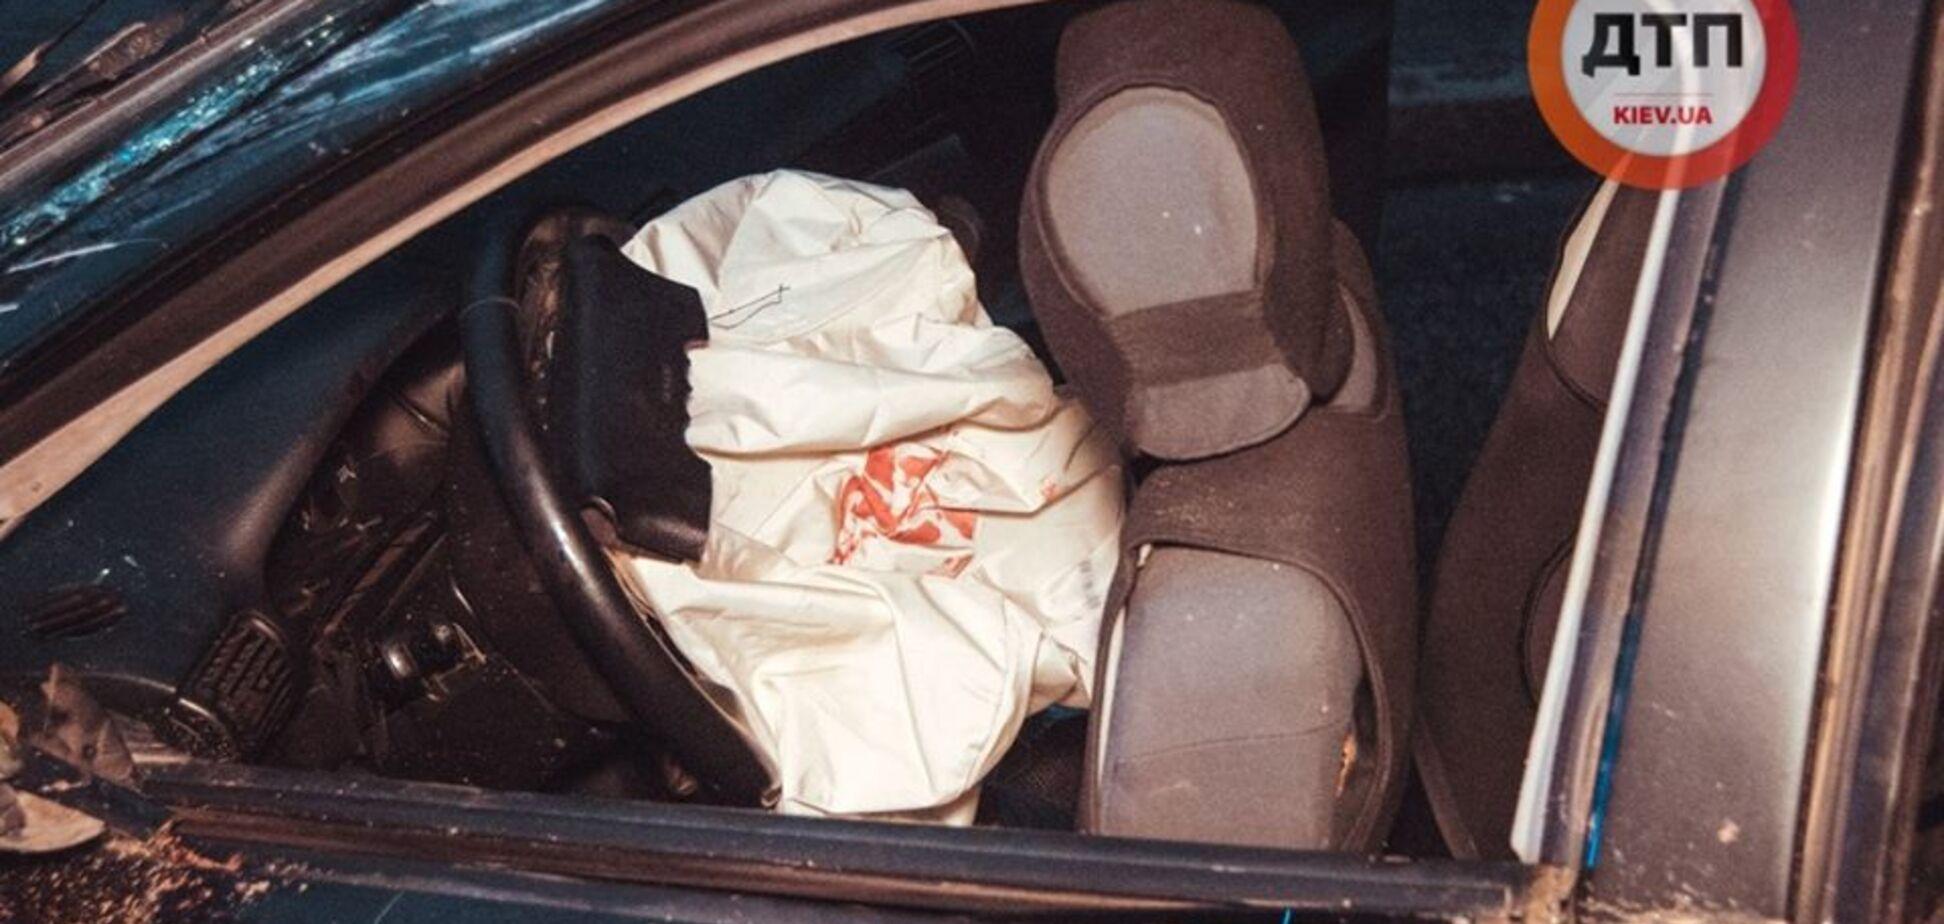 У Києві п'яний протаранив авто з немовлям всередині: подробиці ДТП